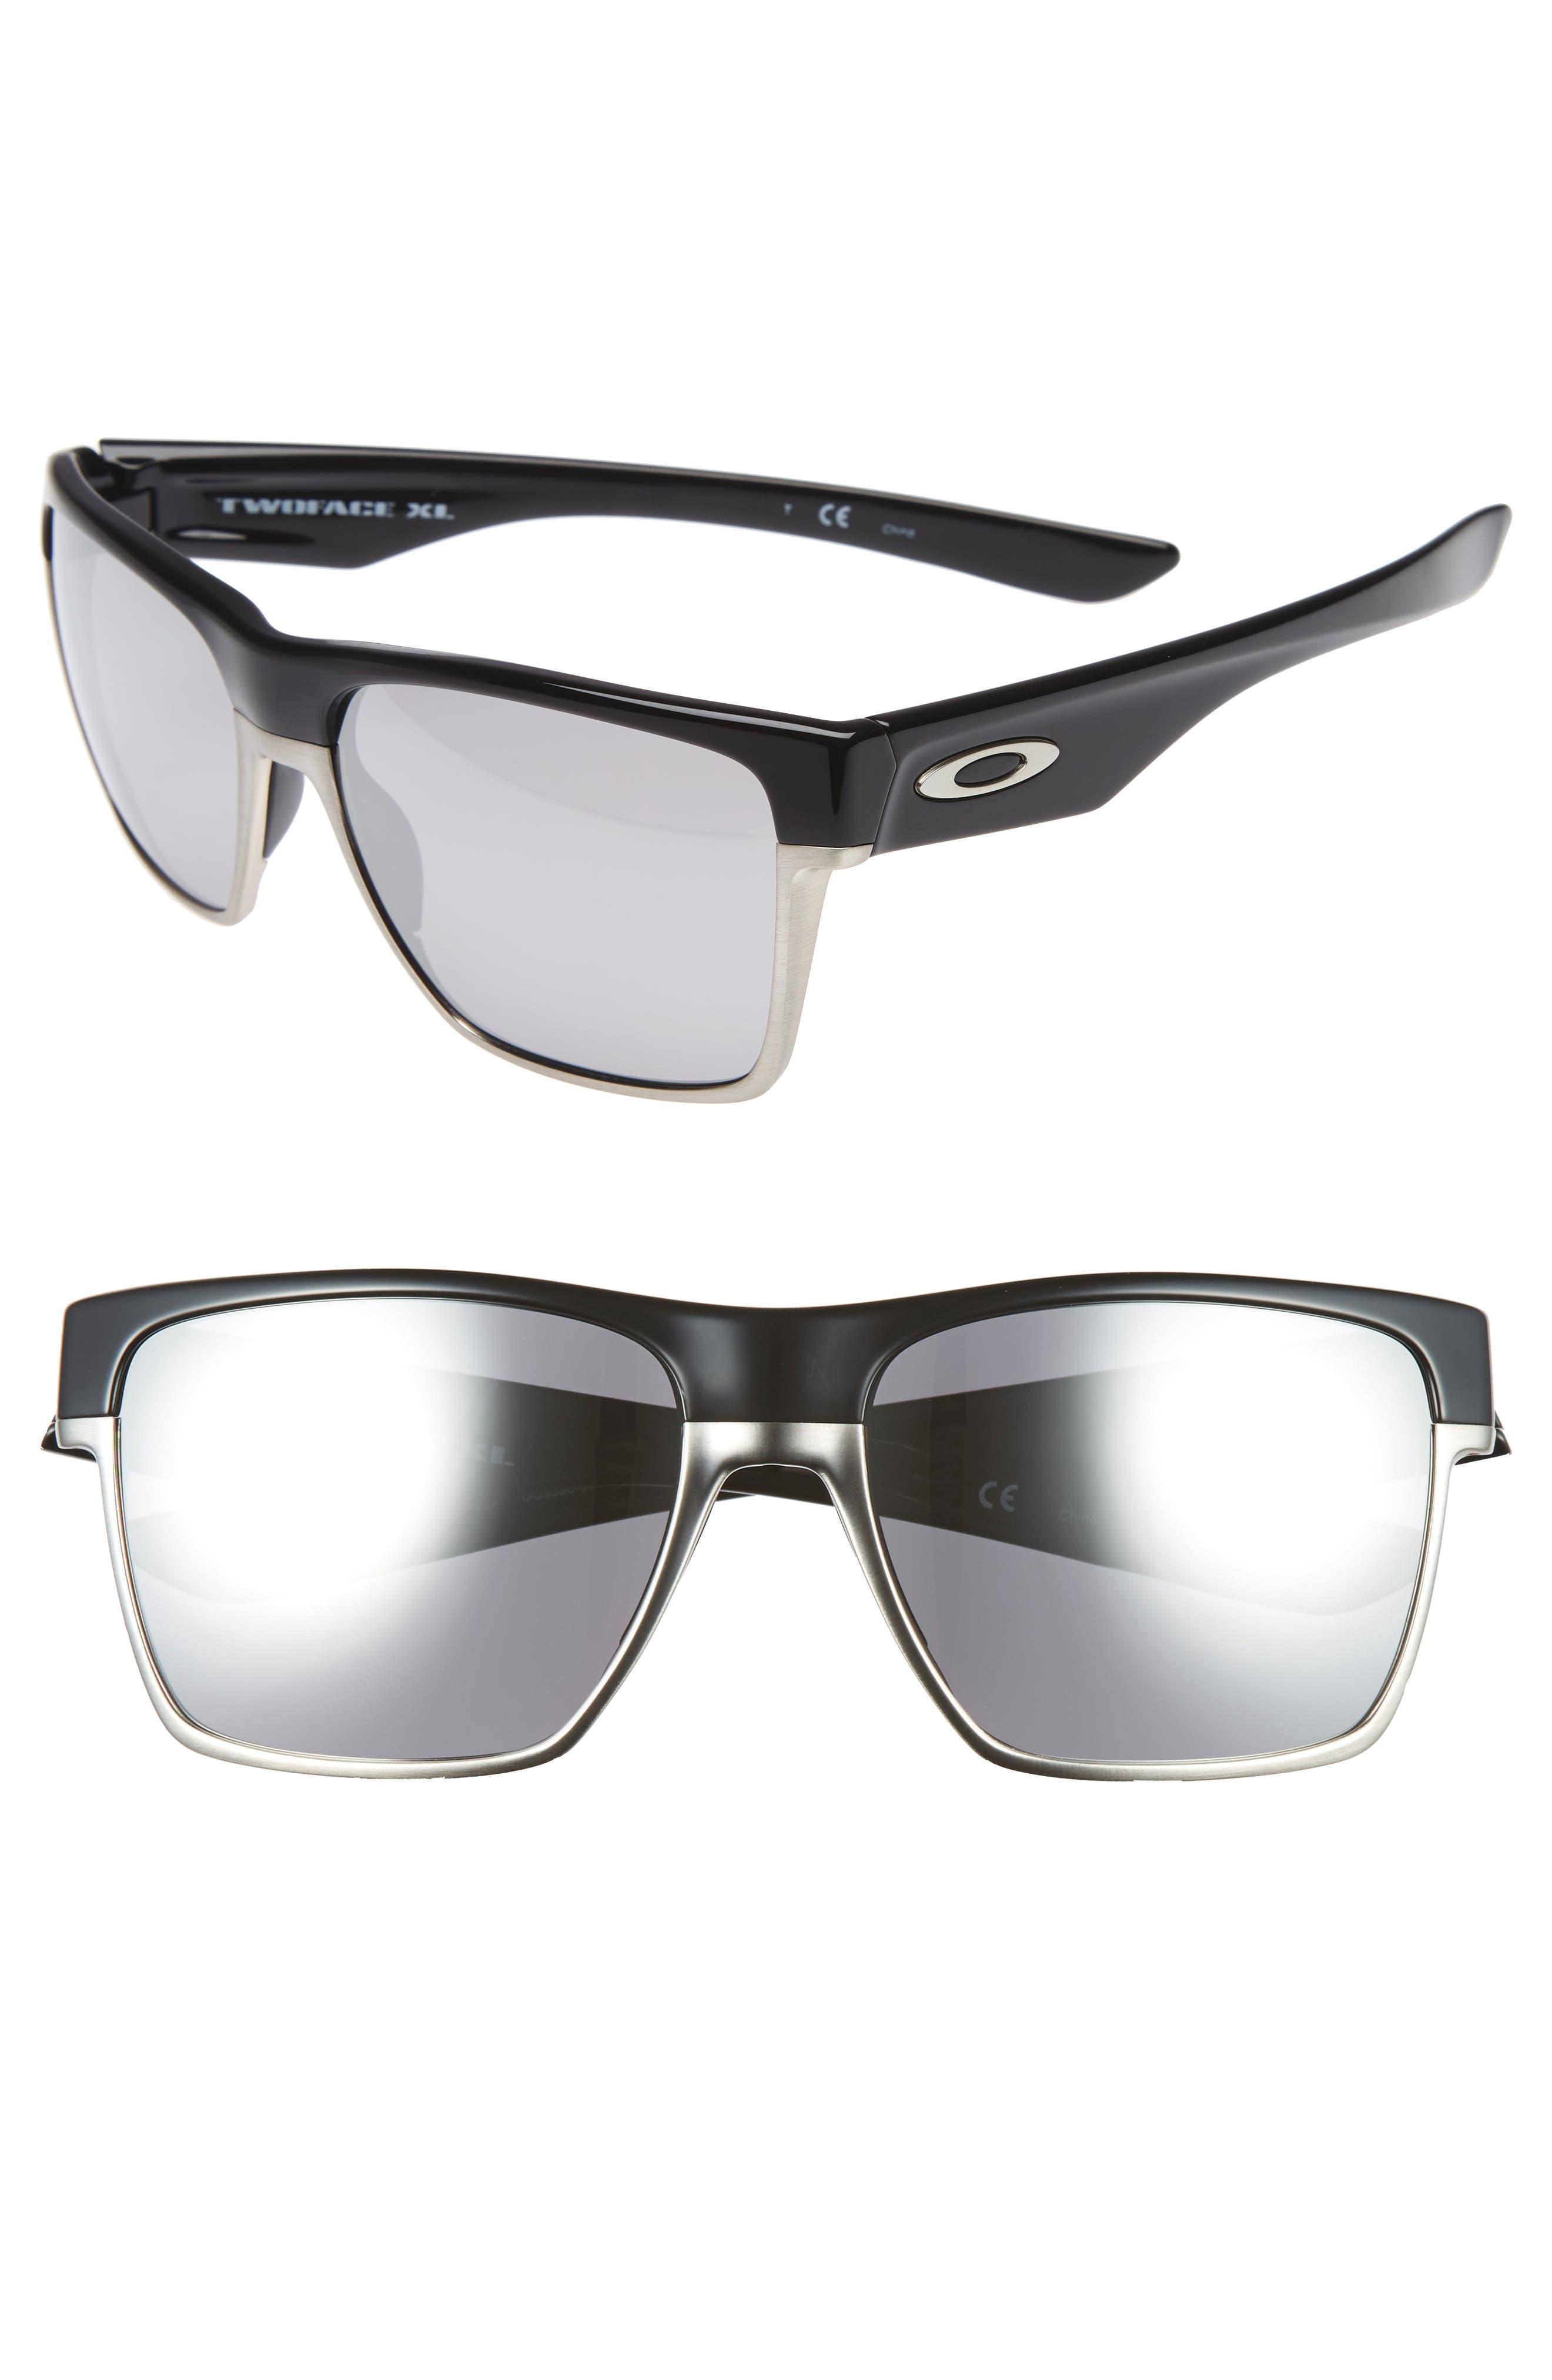 OAKLEY Twoface XL 59mm Sunglasses